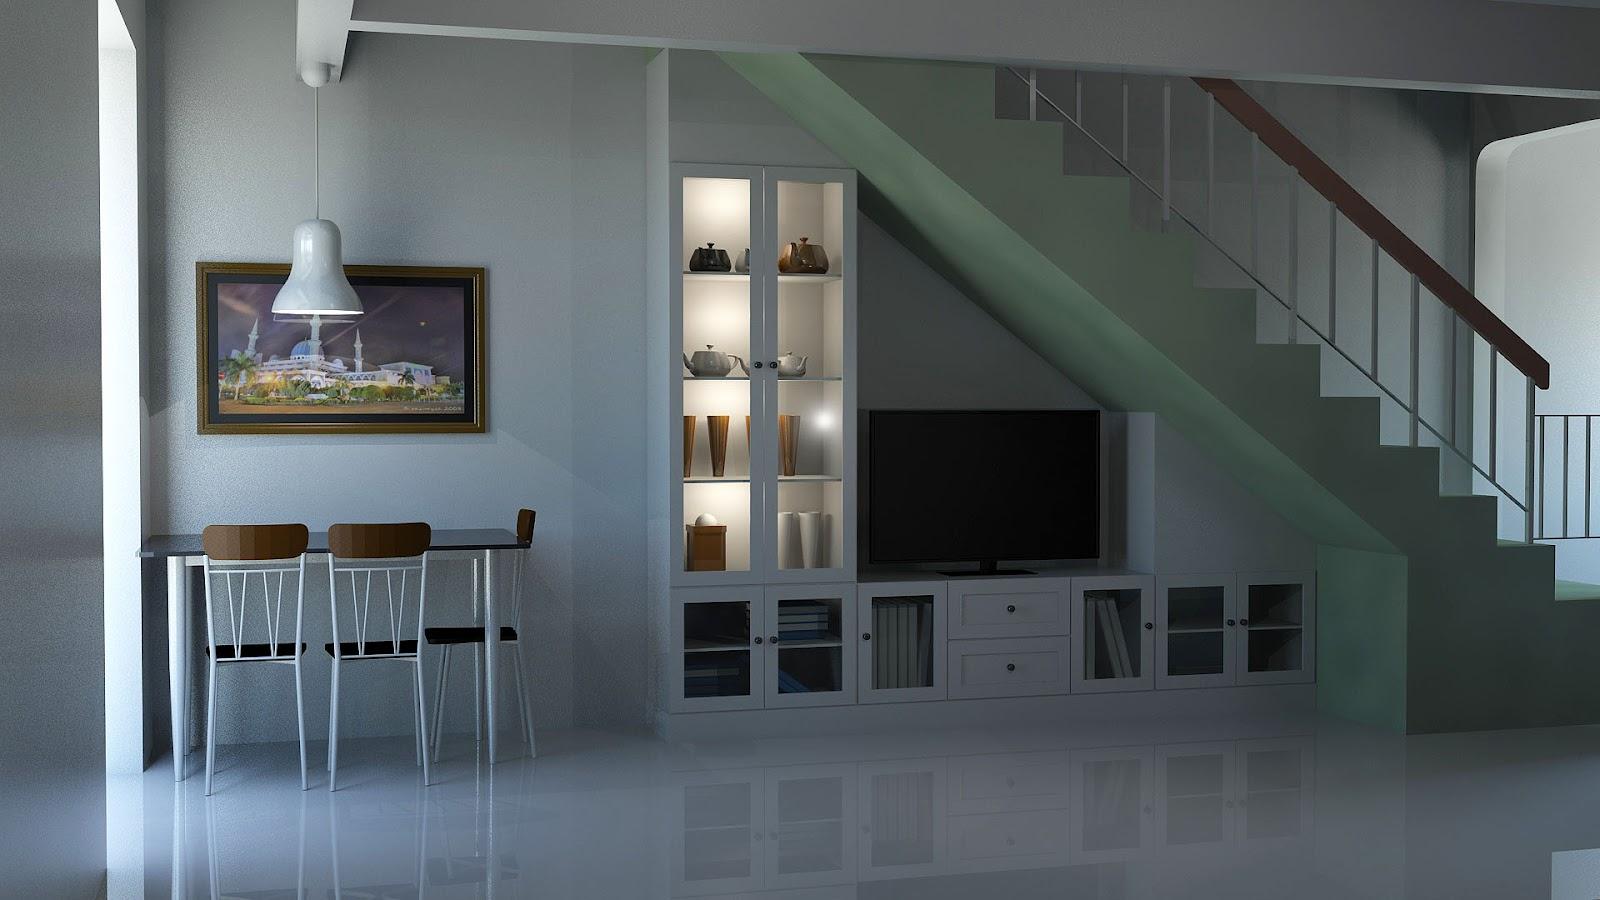 Gambar Interior Design Rumah Contoh Teres 2 Tingkat